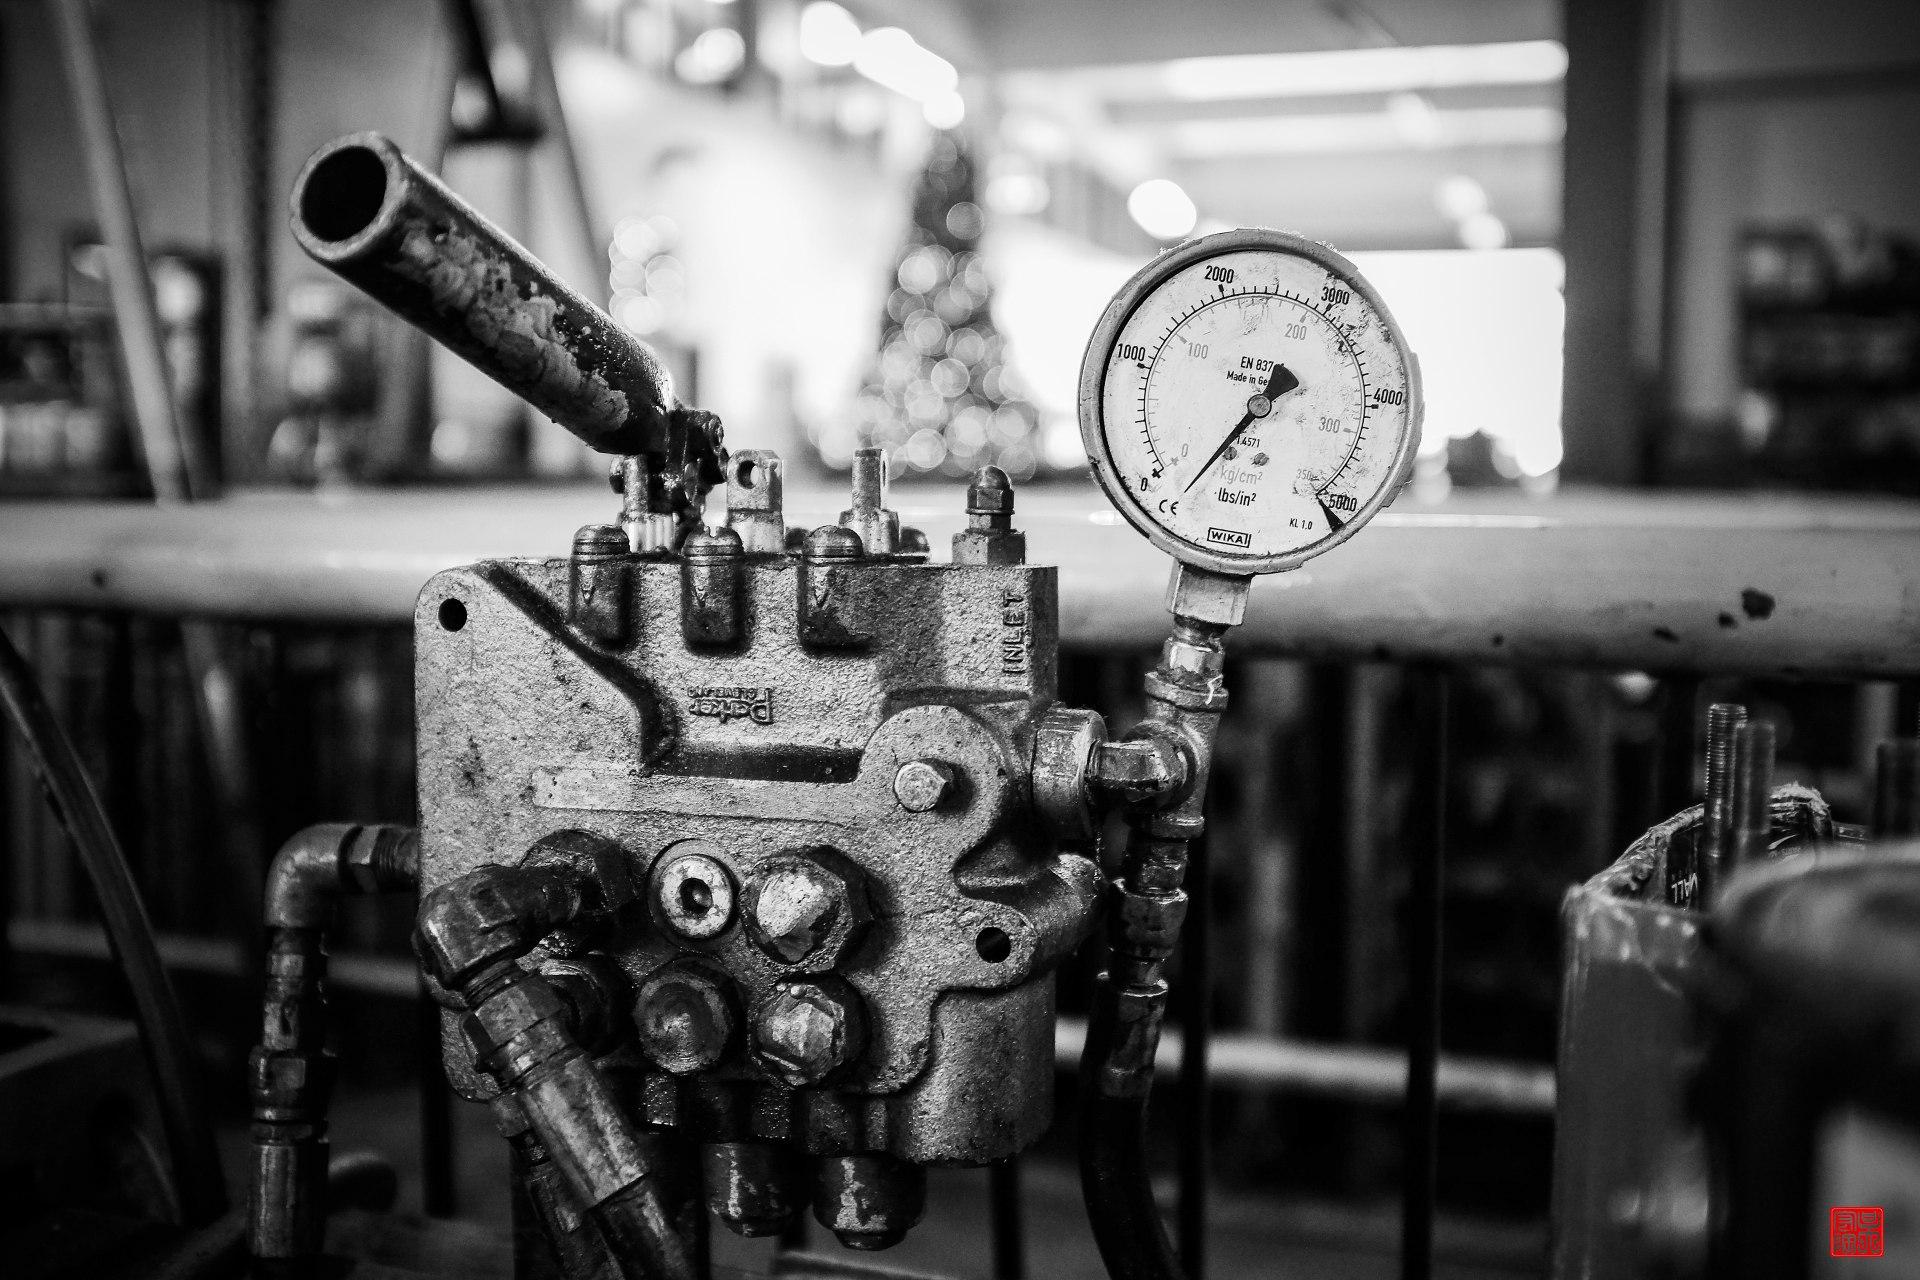 Hydraulic Pressure Pump by Daniel Go (CC BY-NC 2.0)